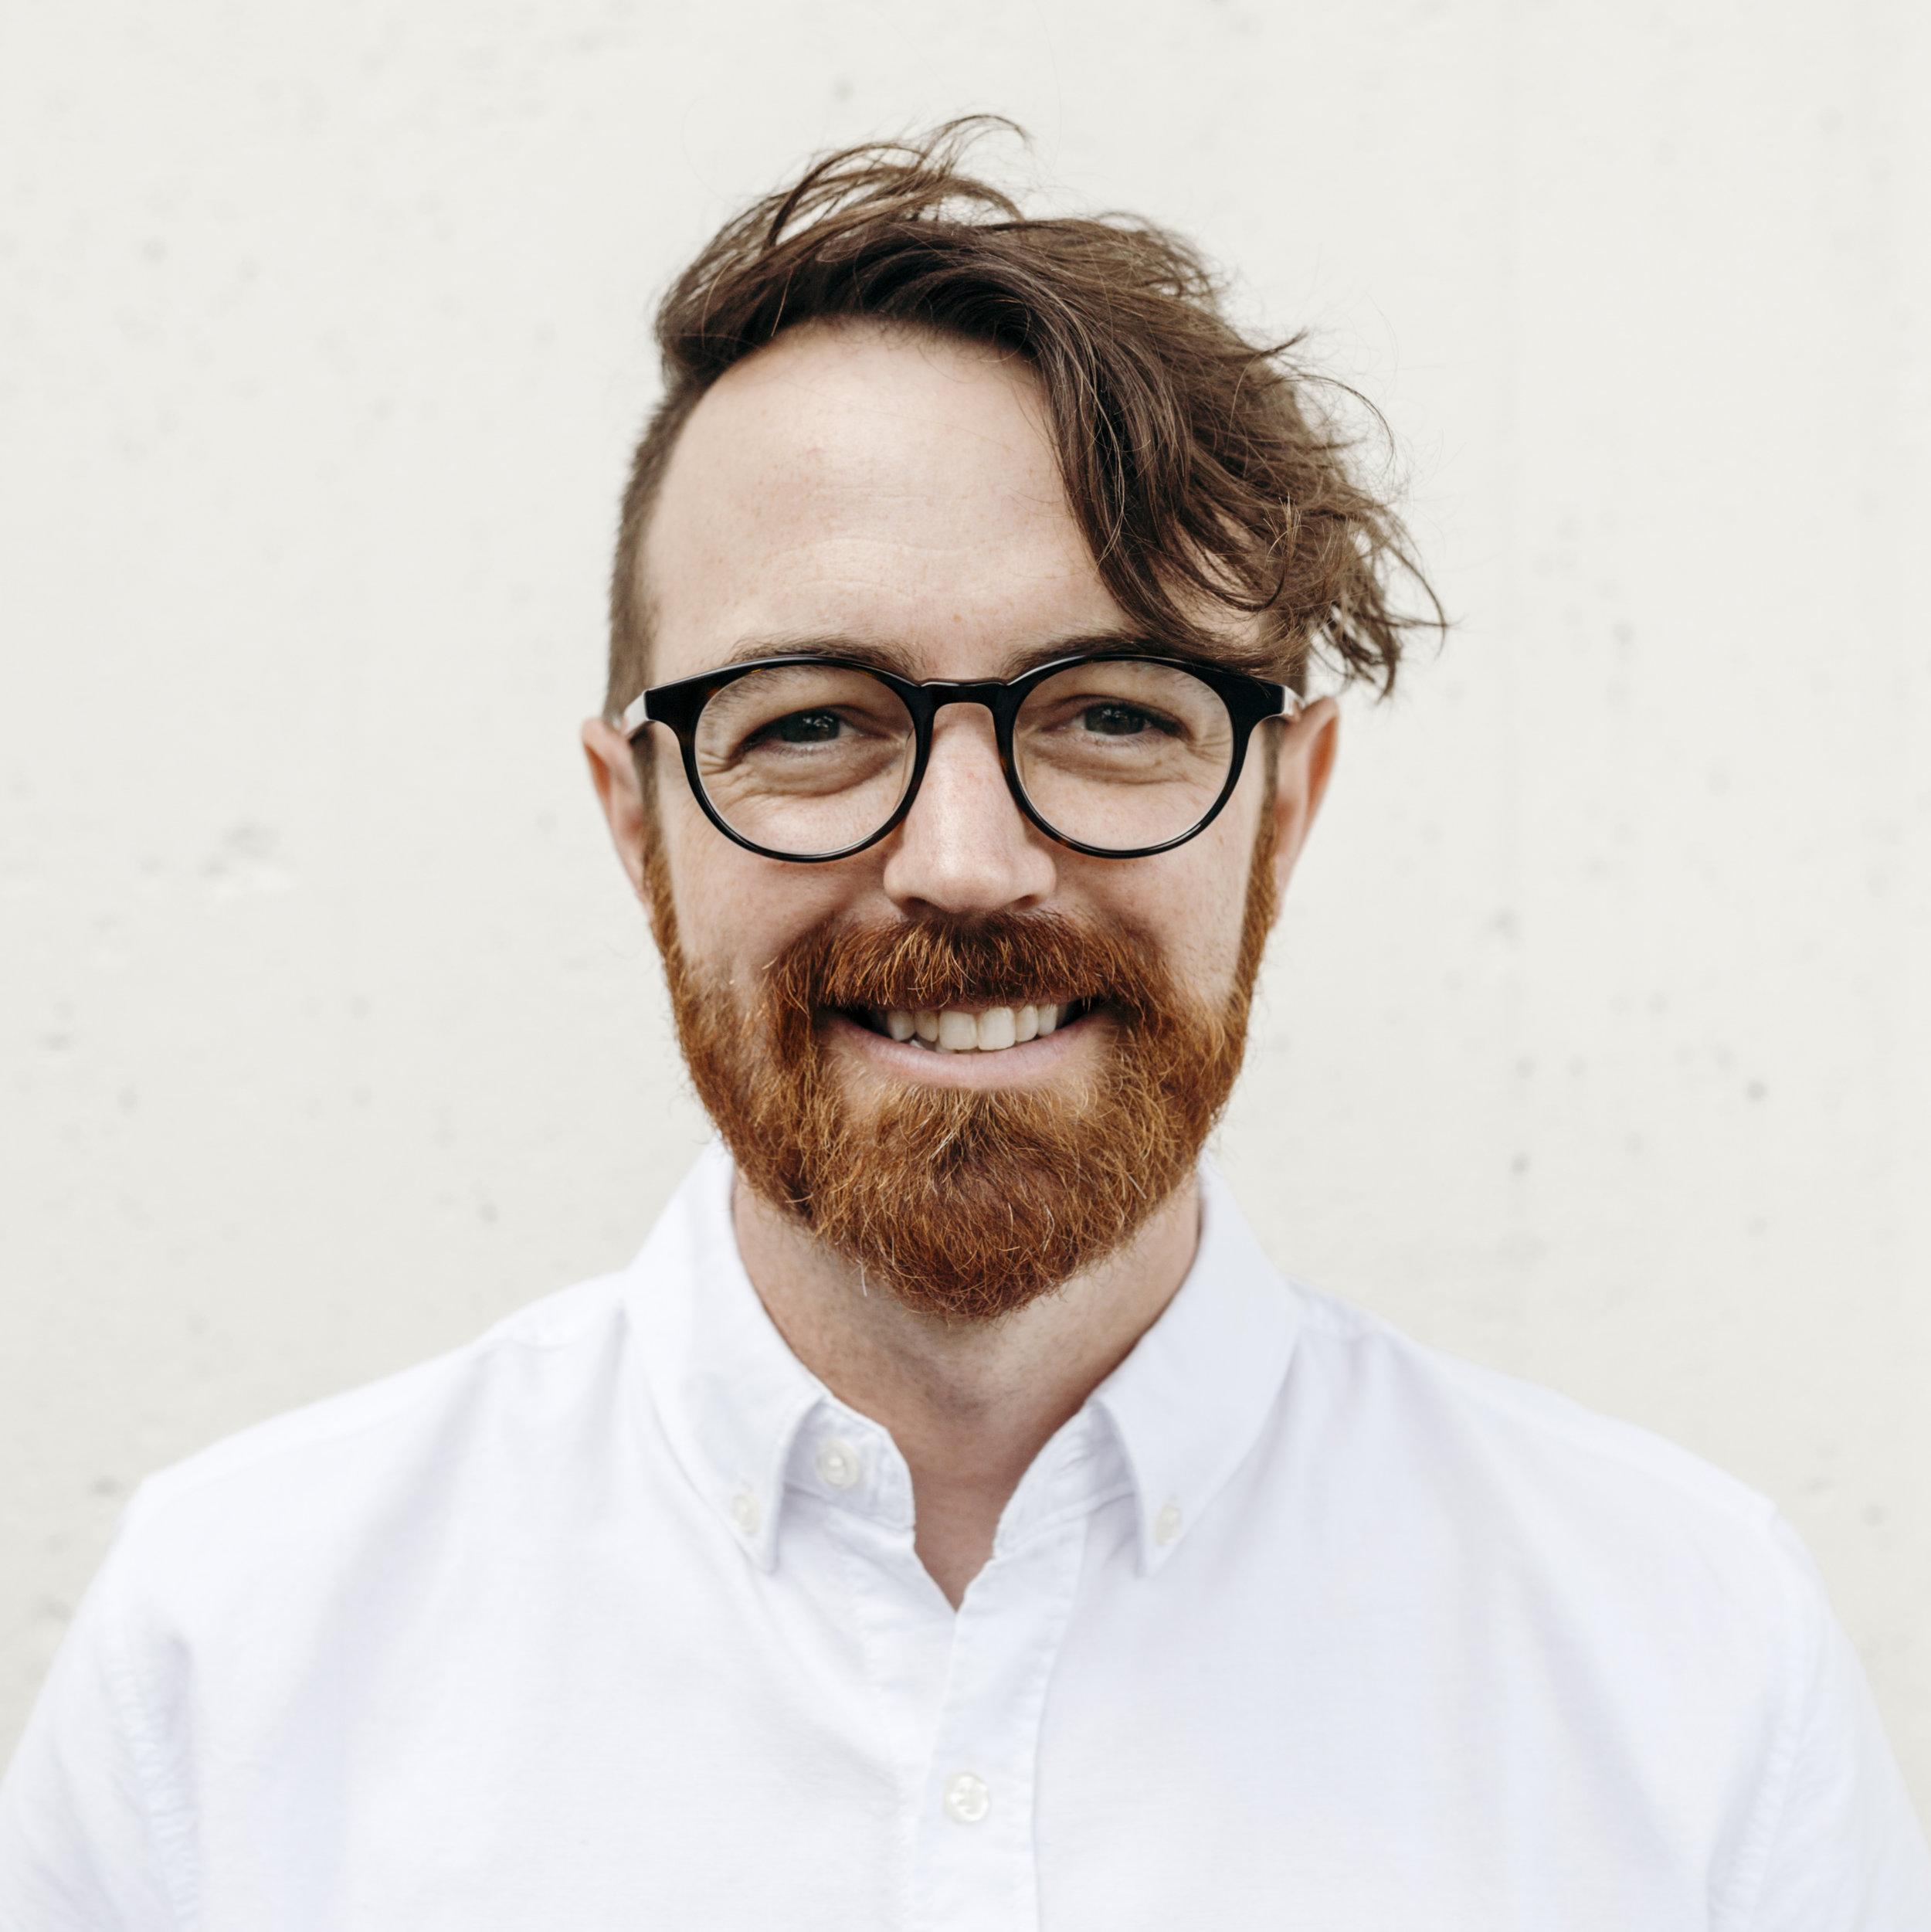 Tim // Cinematographer